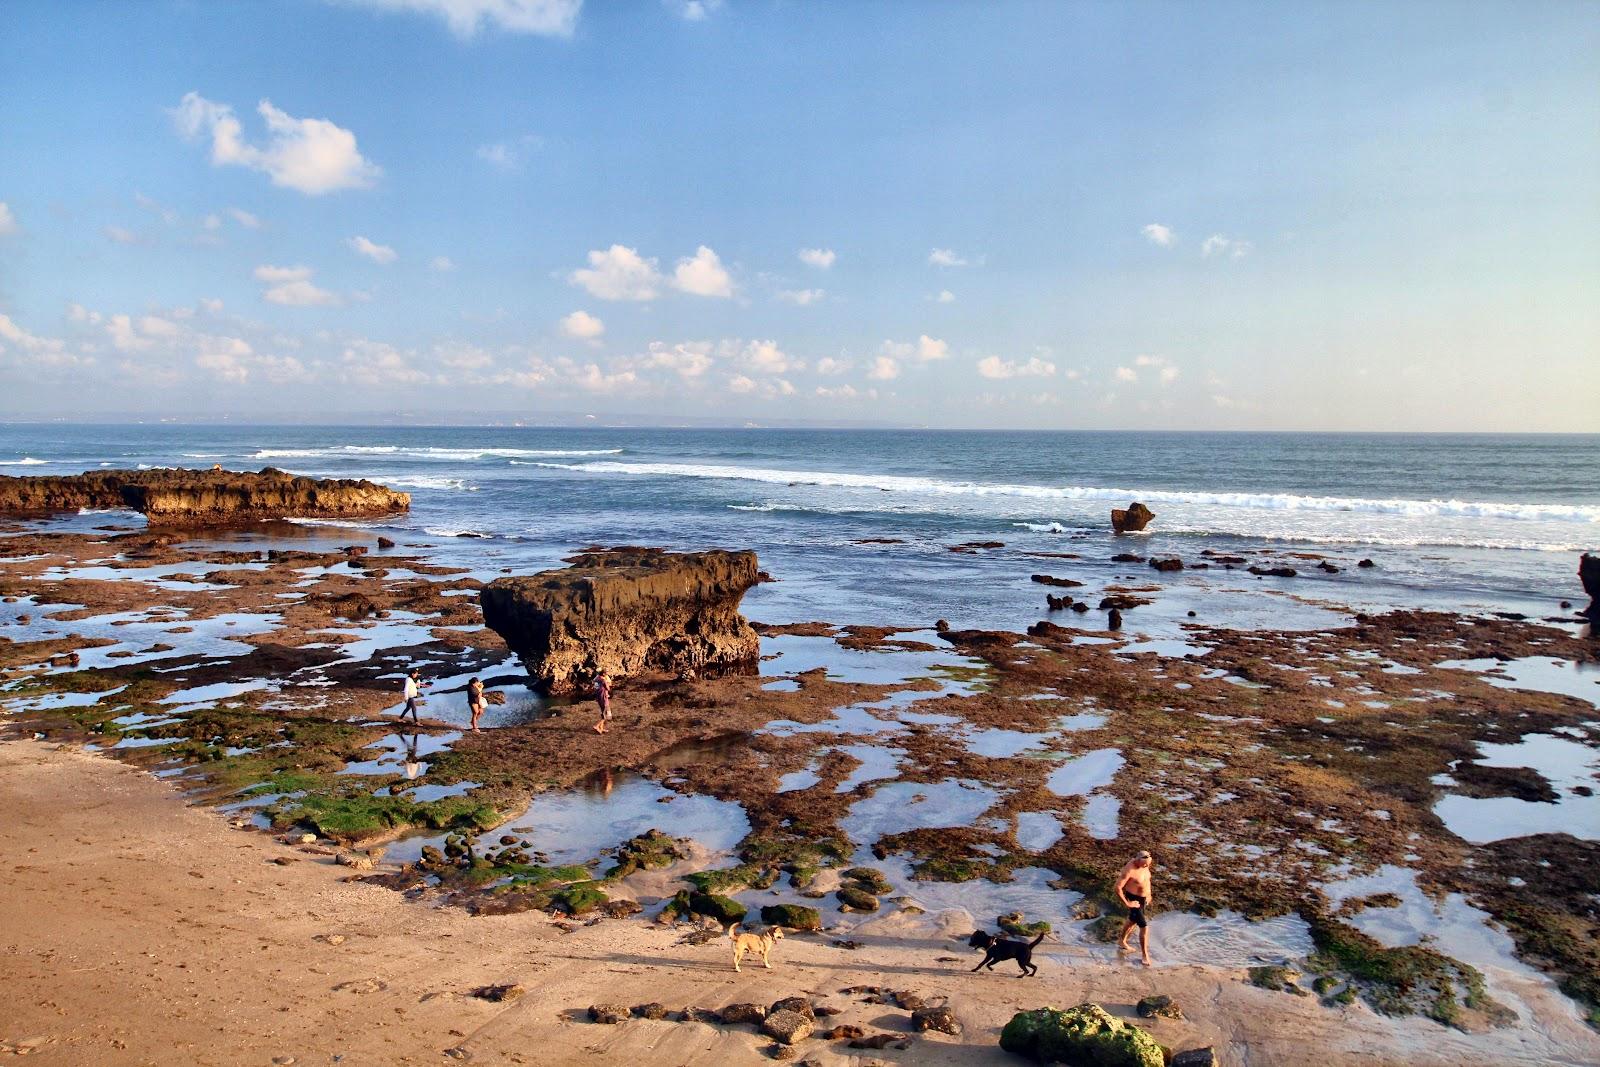 daya-tarik-objek-wisata-echo-beach-1